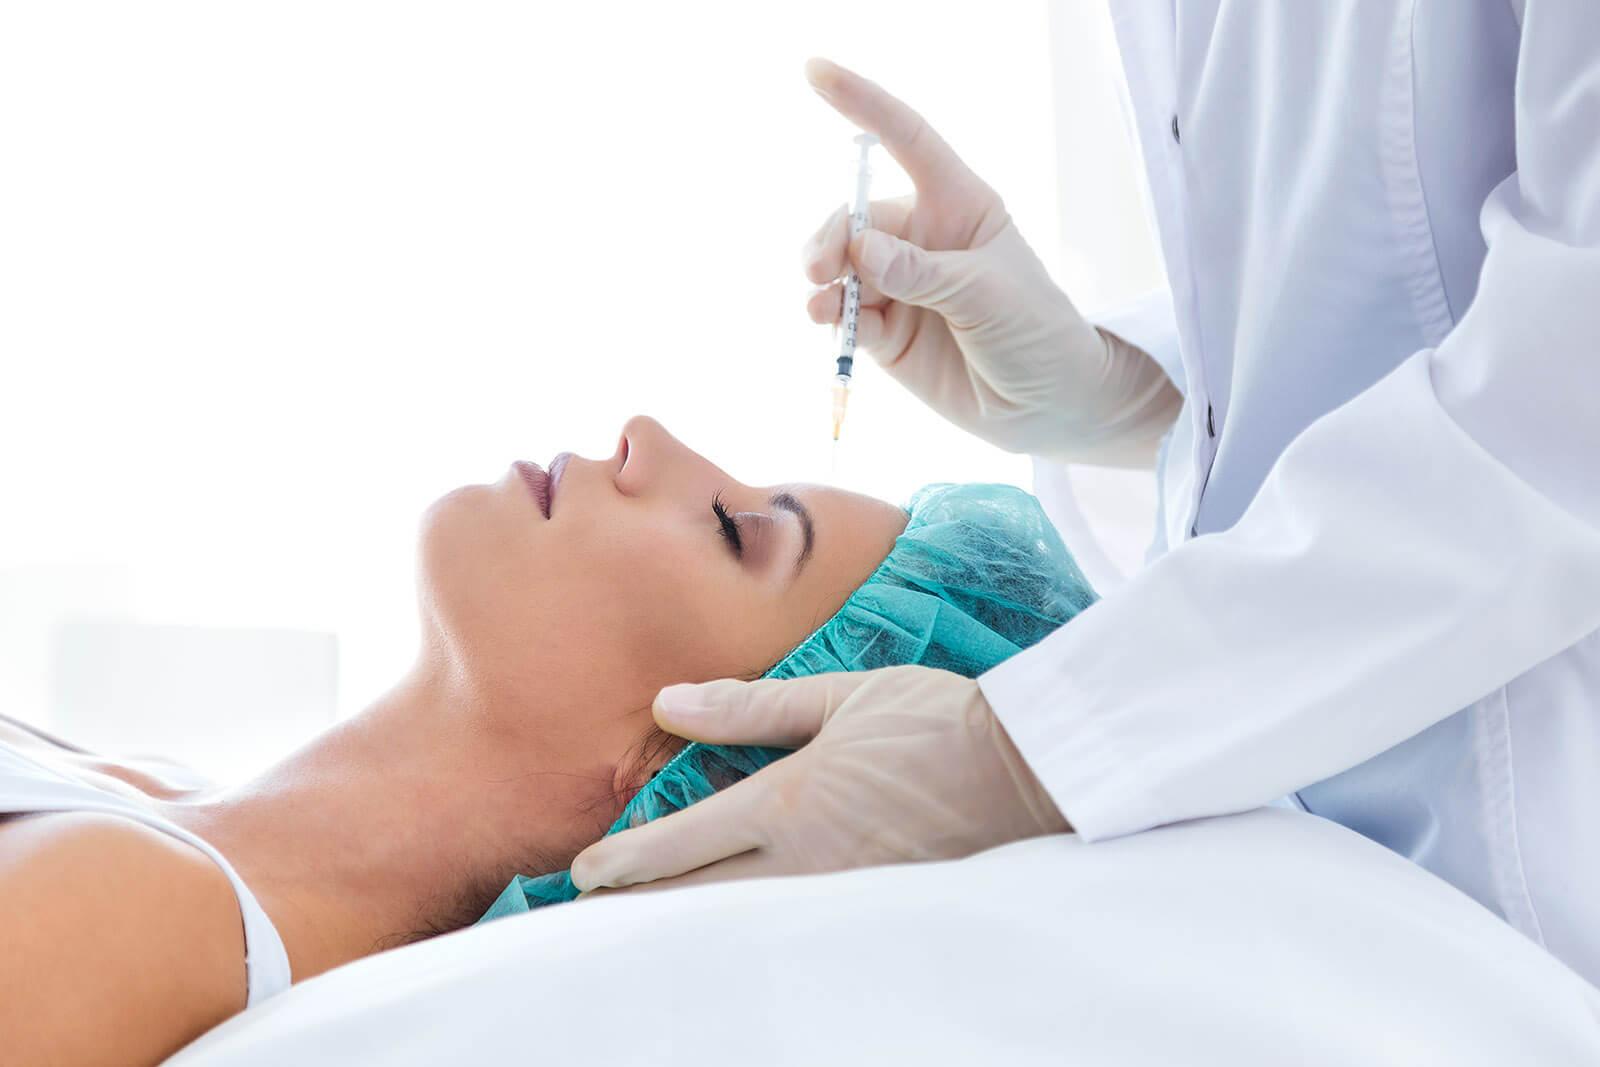 1-la-clinica-policlinico-casilino-chirurgia-plastica-estetica-banner